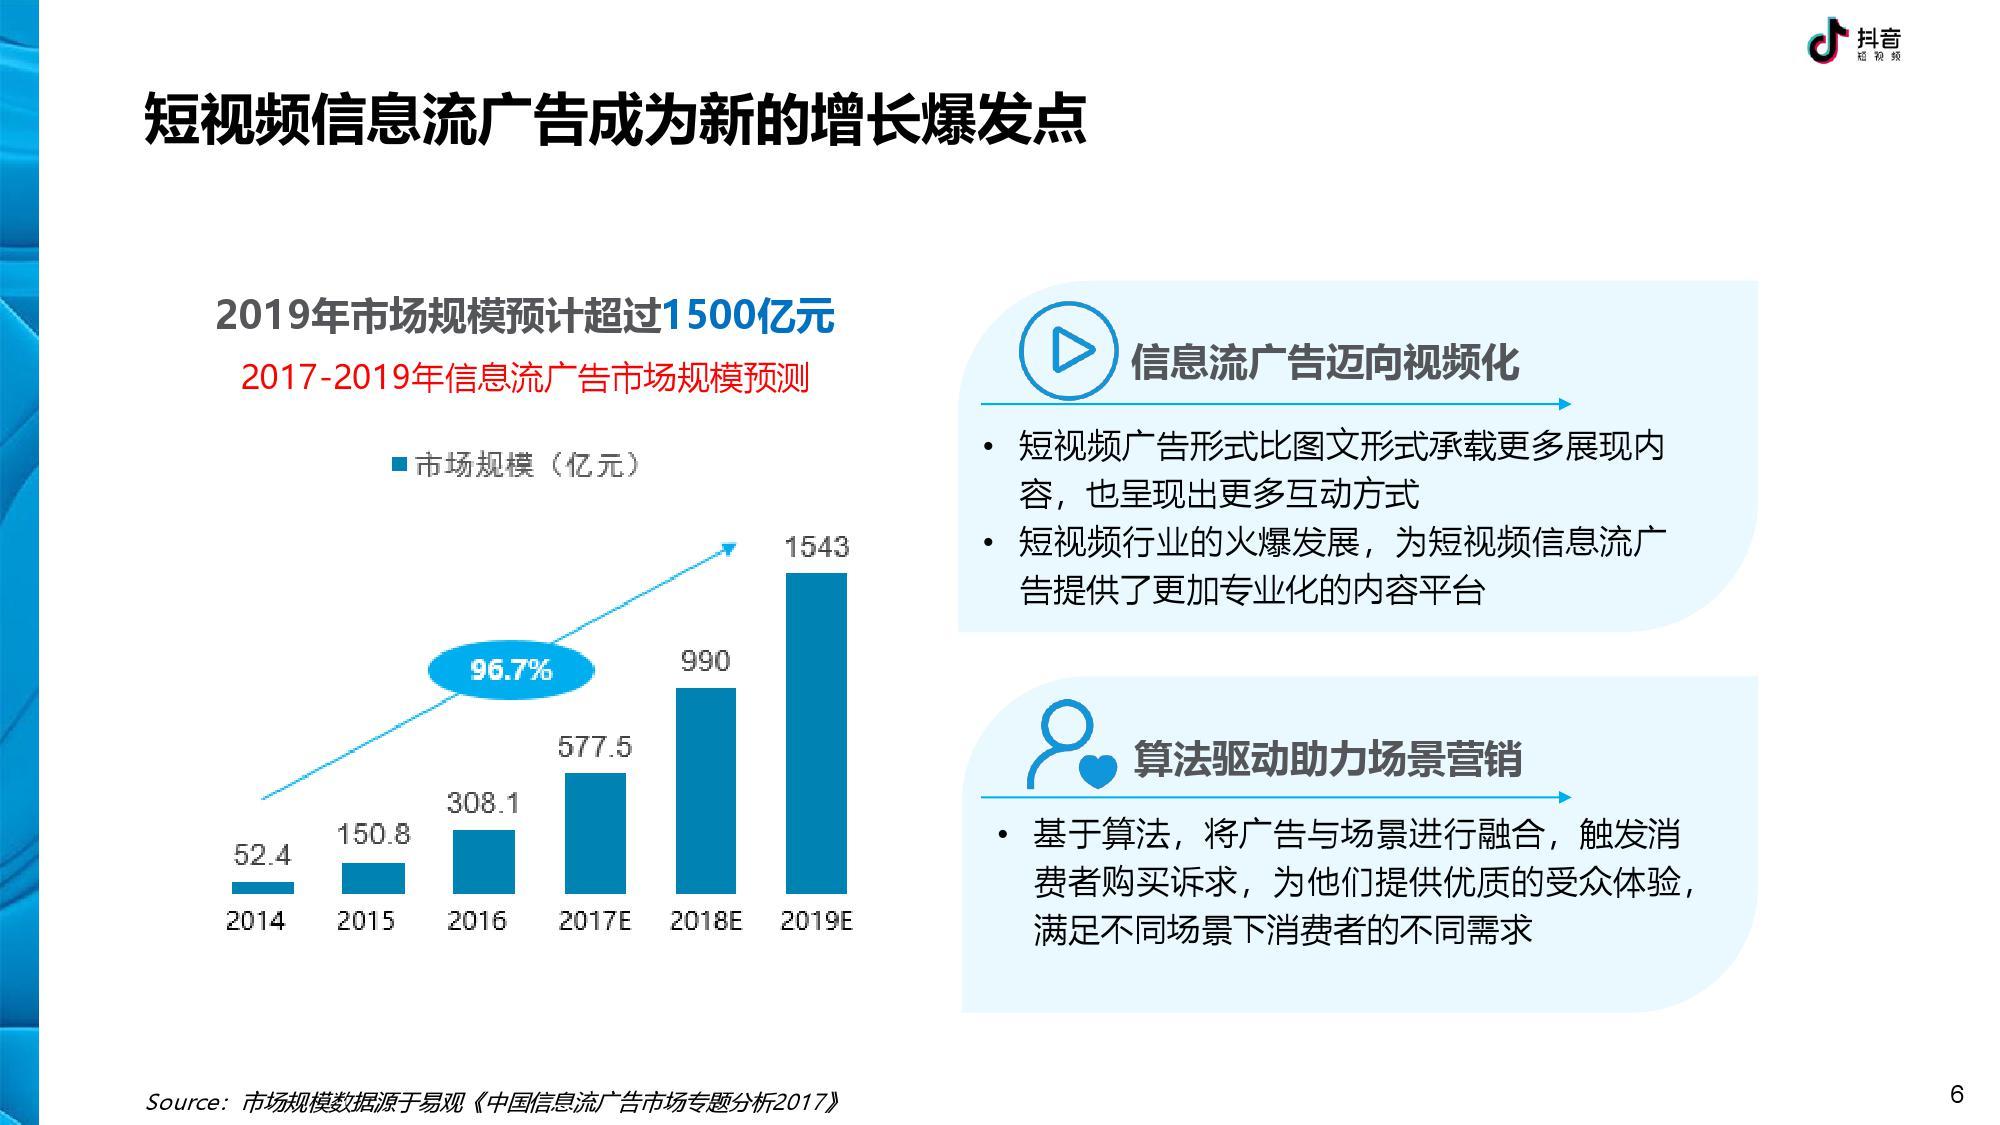 抖音 DTV 广告营销价值白皮书-CNMOAD 中文移动营销资讯 6